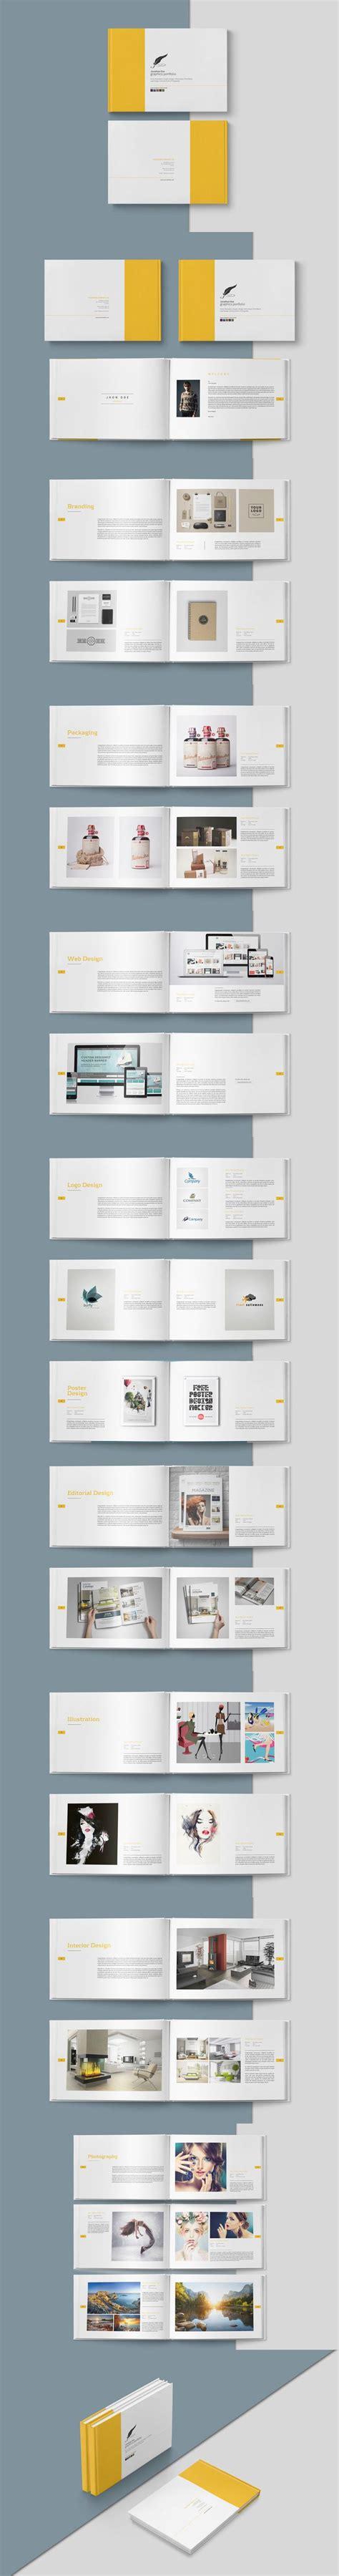 Best 25 Design Portfolio Layout Ideas On Pinterest Portfolio Layout Portfolio Design And Baking Portfolio Template